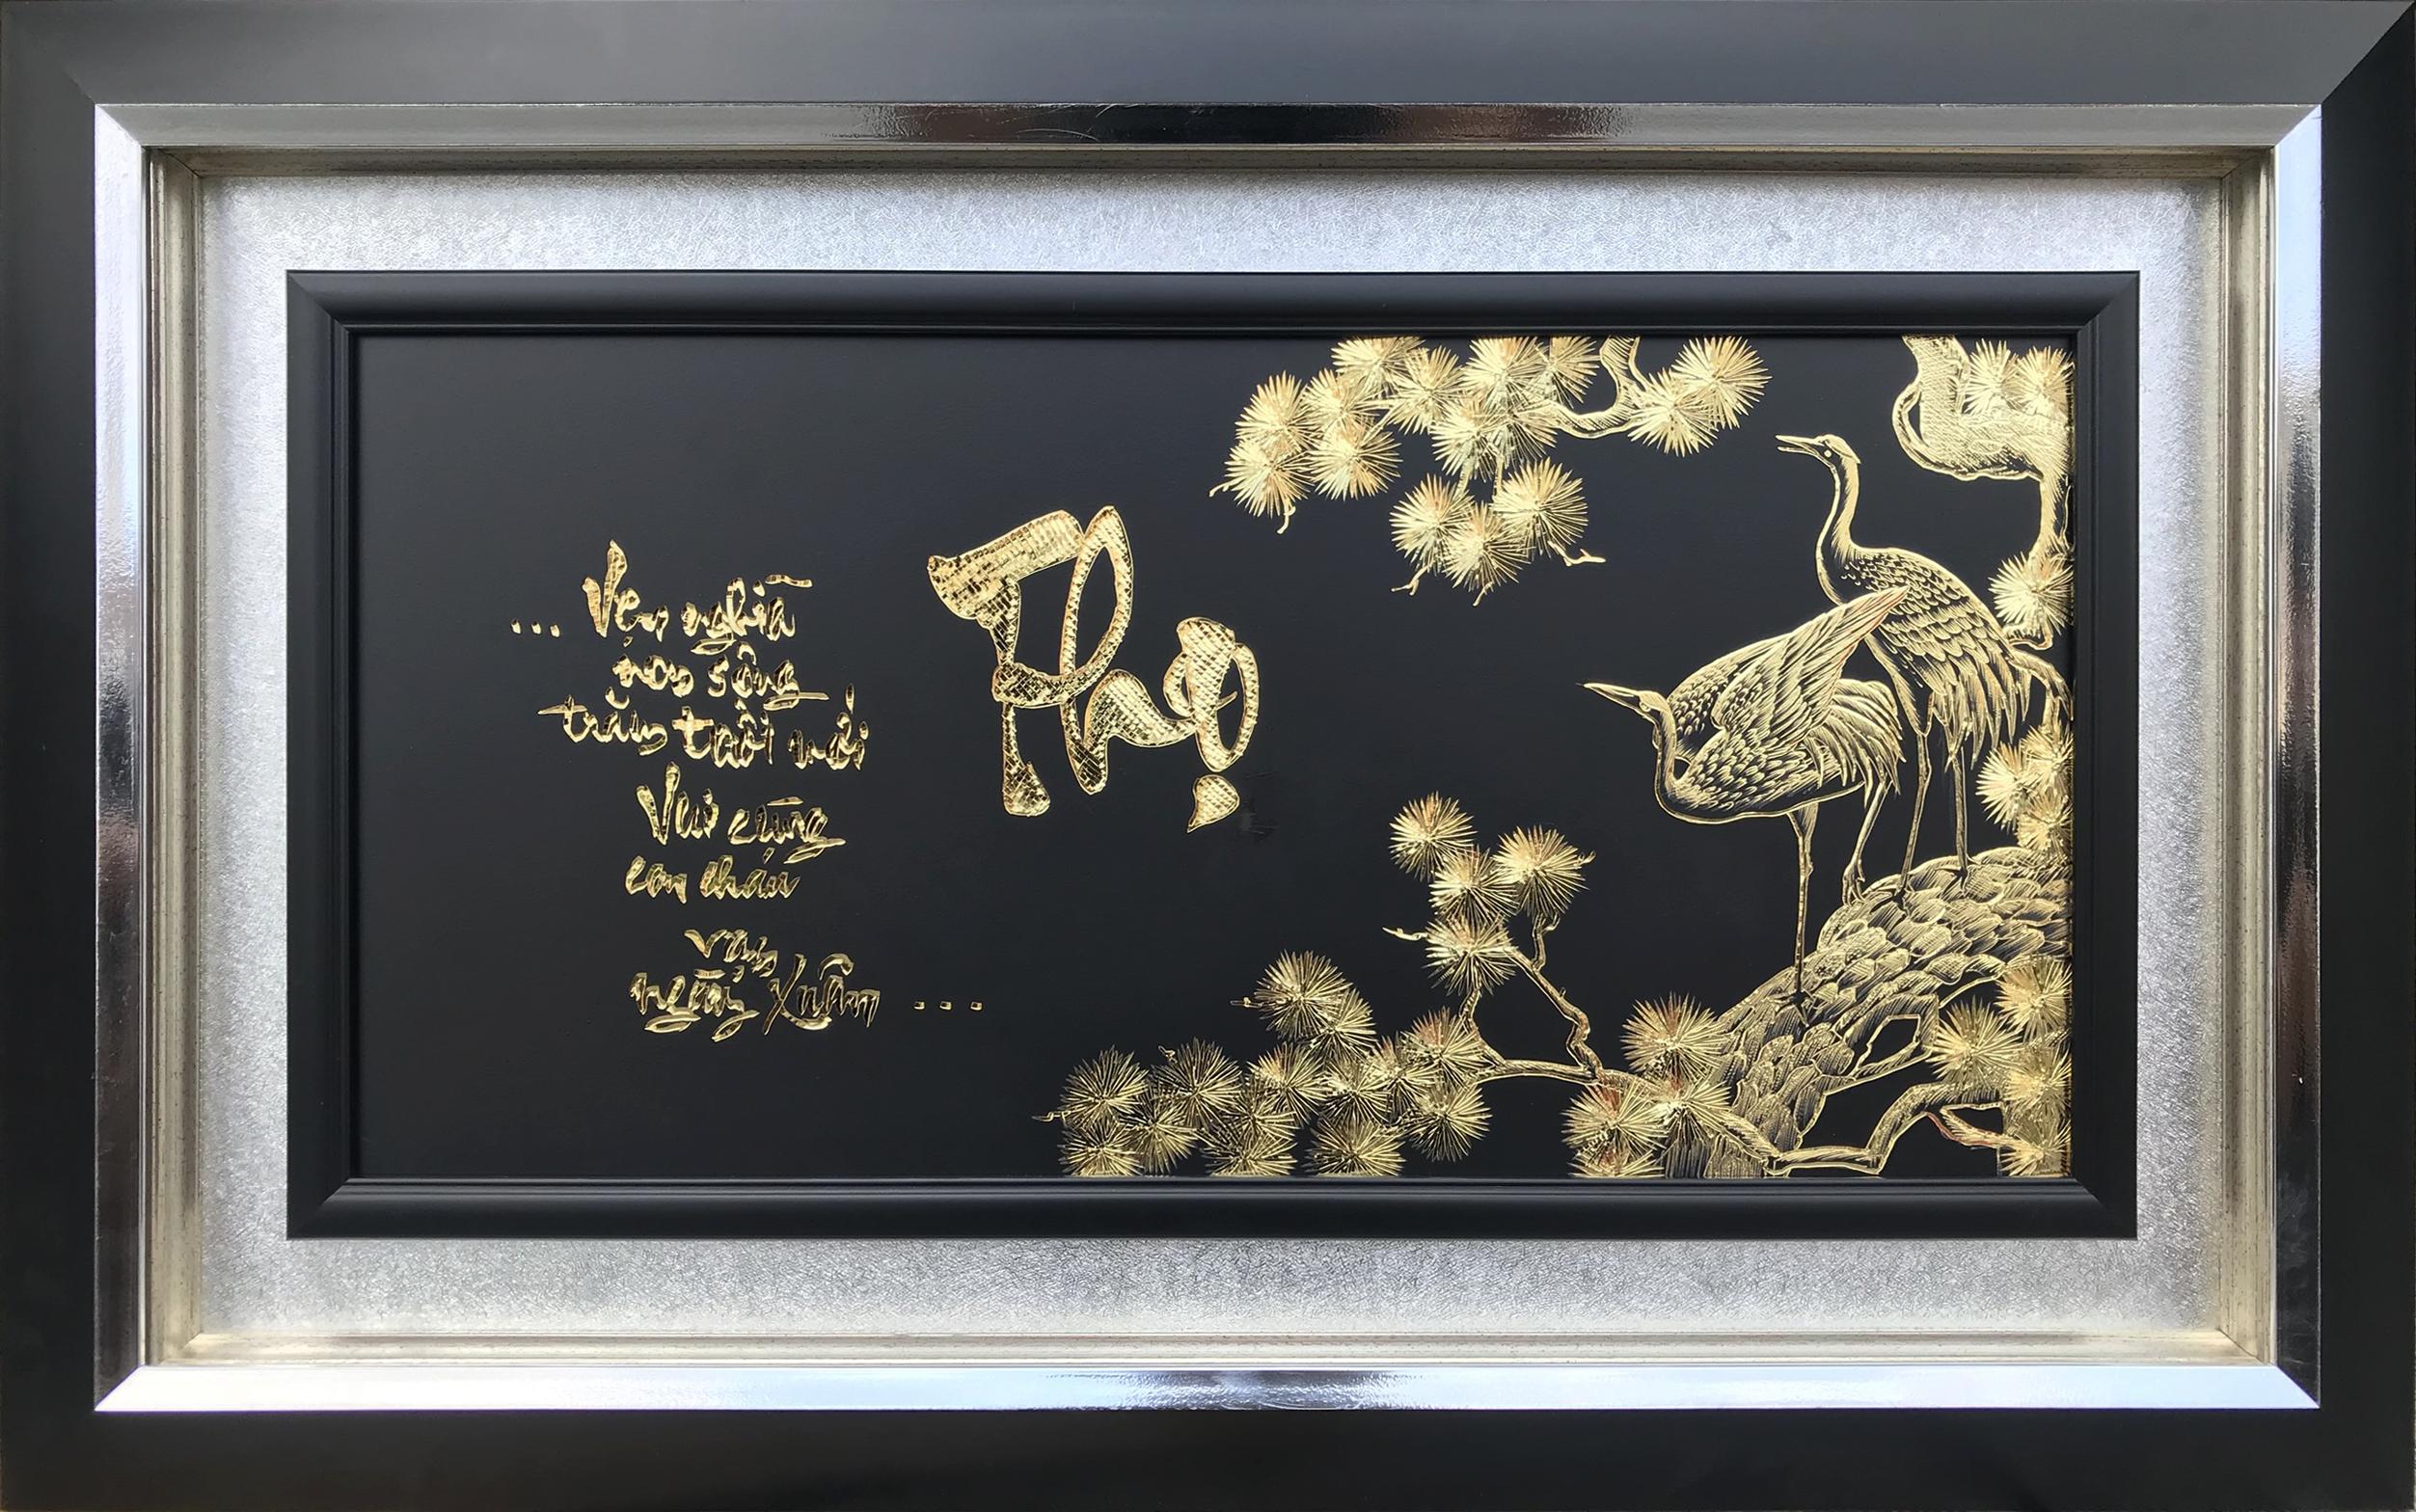 Top 3 bức tranh đồng mạ vàng thích hợp để làm quà tặng đối tác